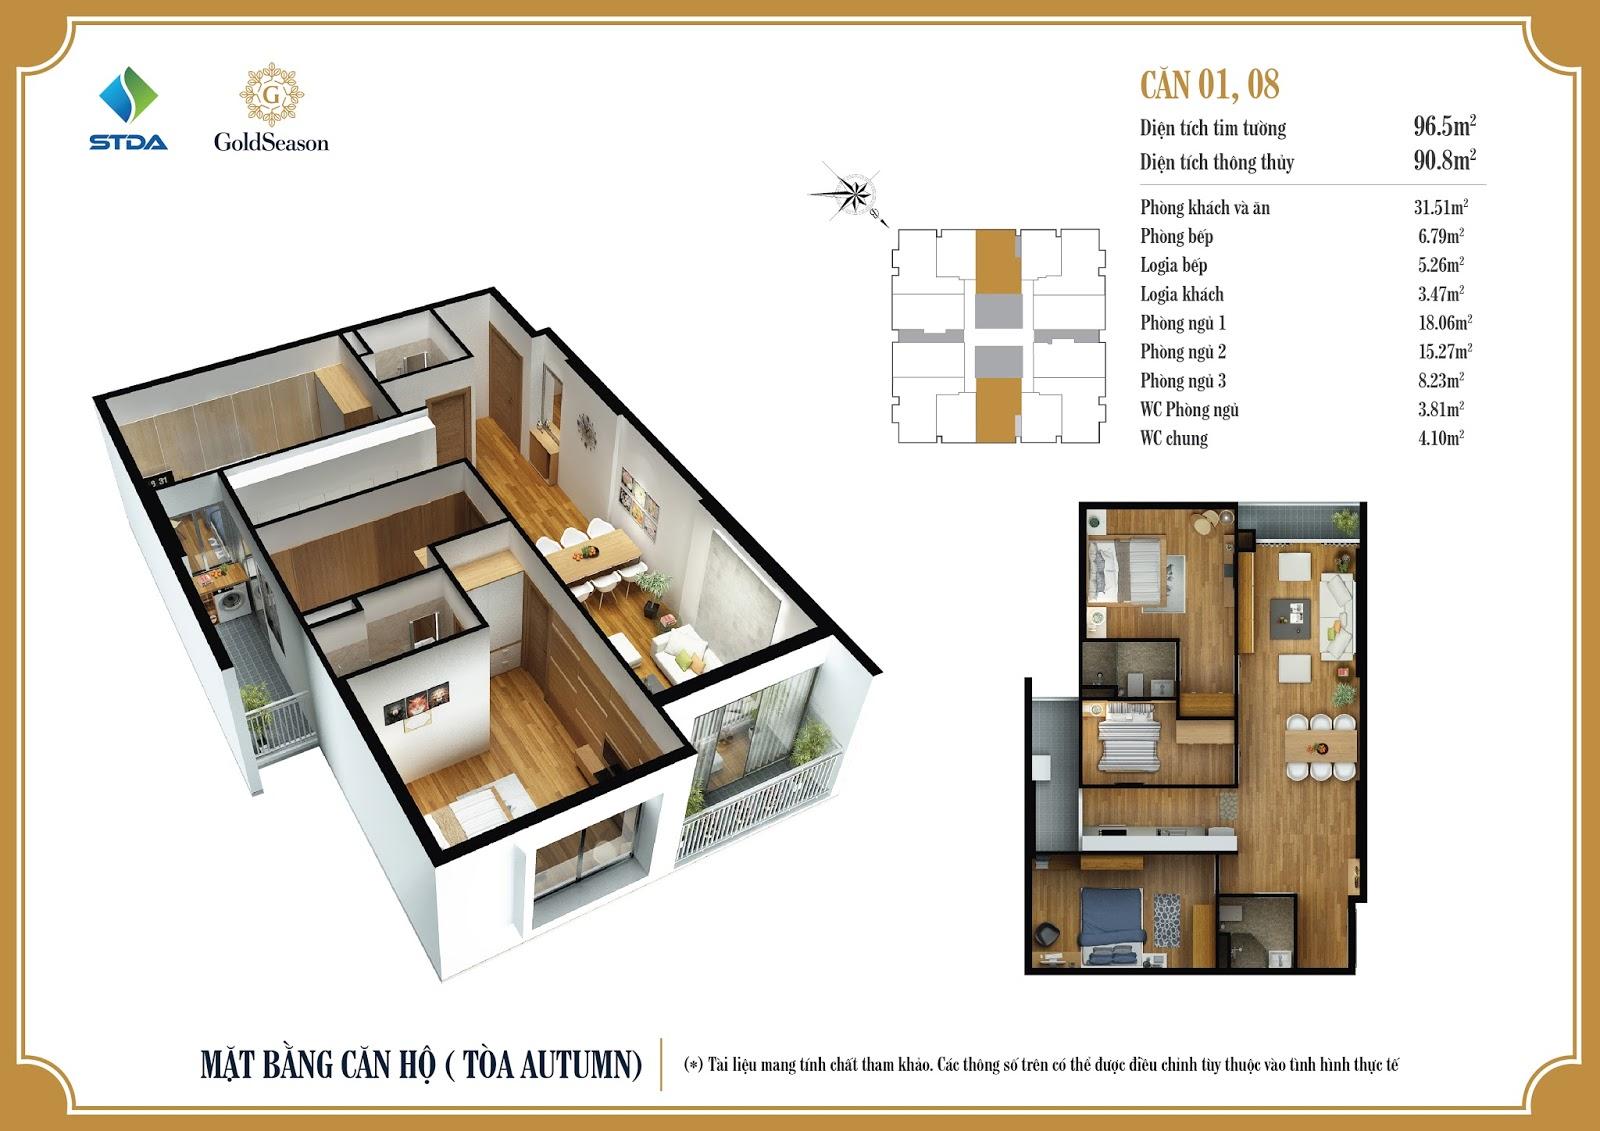 Mặt bằng căn hộ 01, 08 - 96,5m2 - GoldSeason